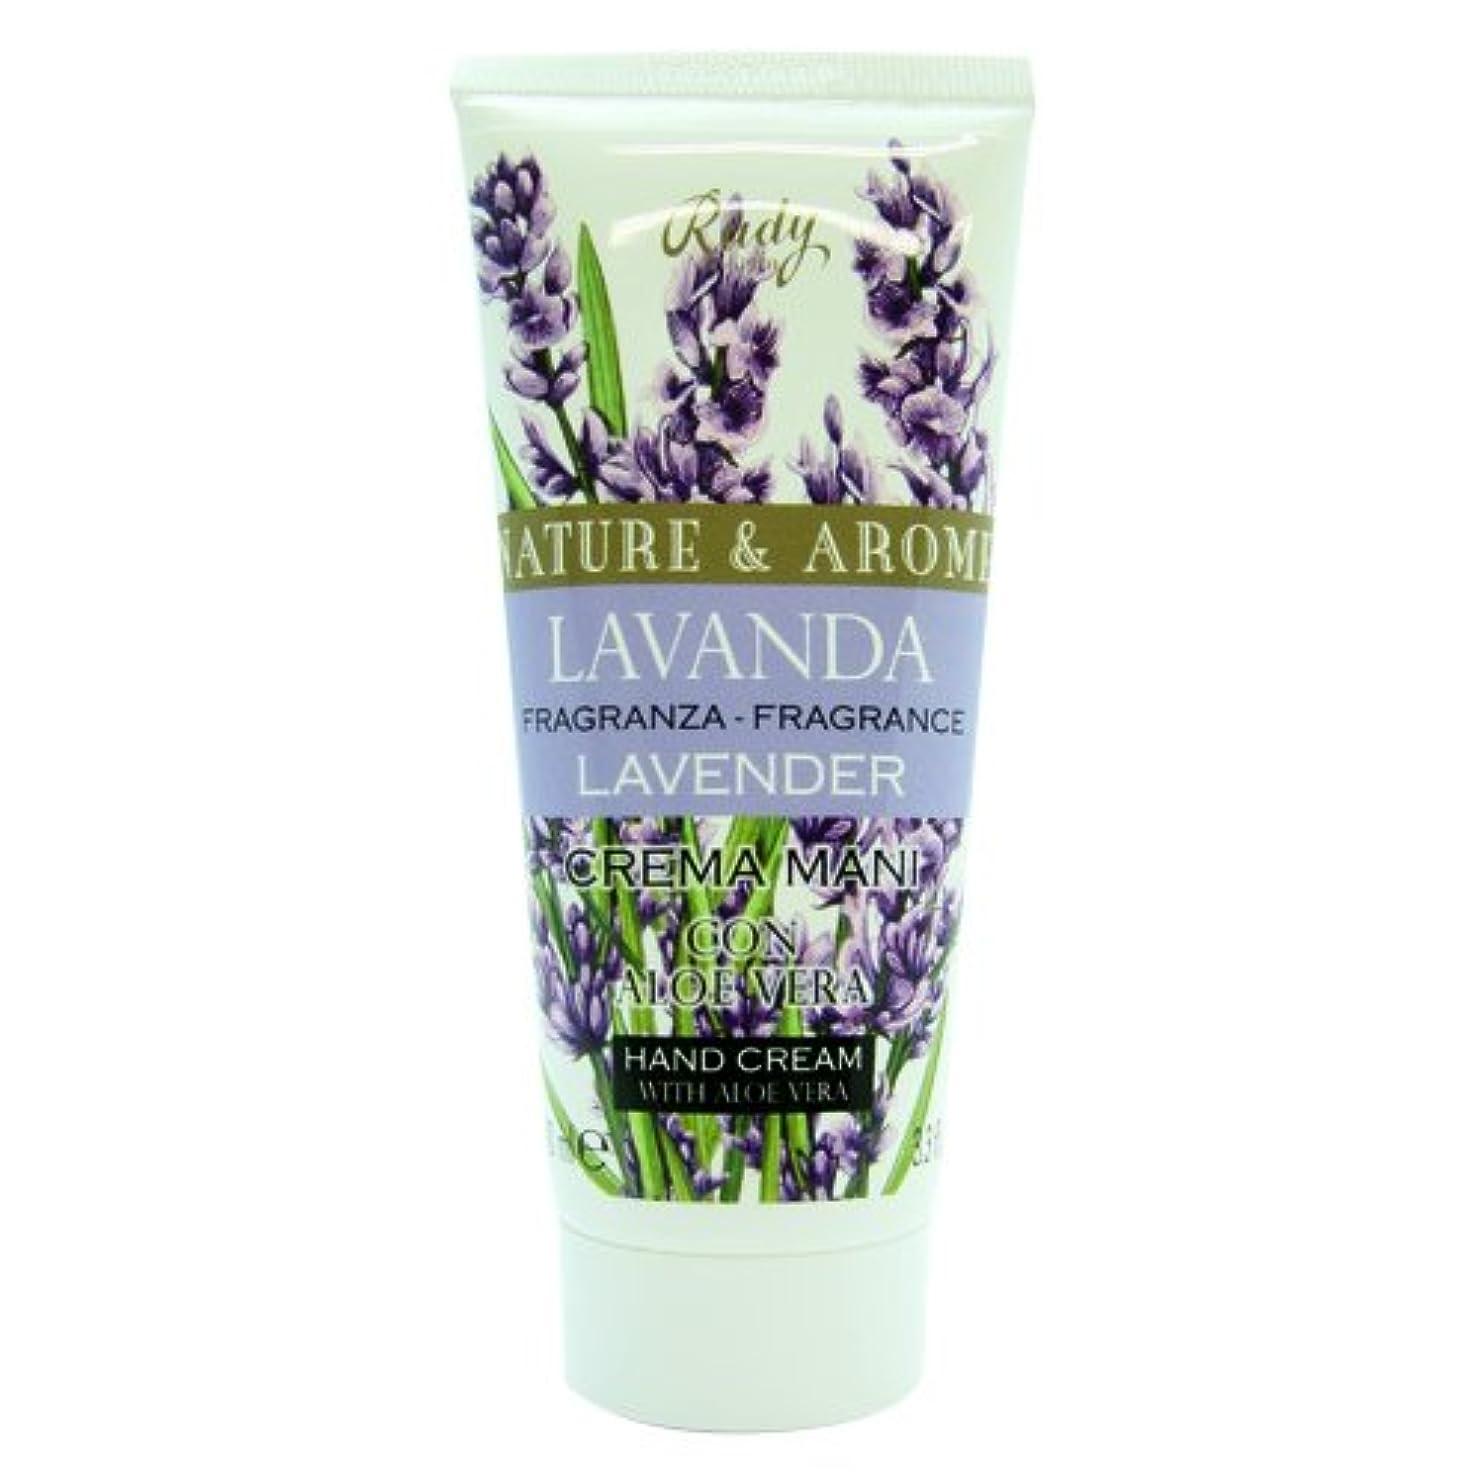 酔った補う船乗りRUDY Nature&Arome SERIES ルディ ナチュール&アロマ Hand Cream ハンドクリーム  Lavender ラベンダー